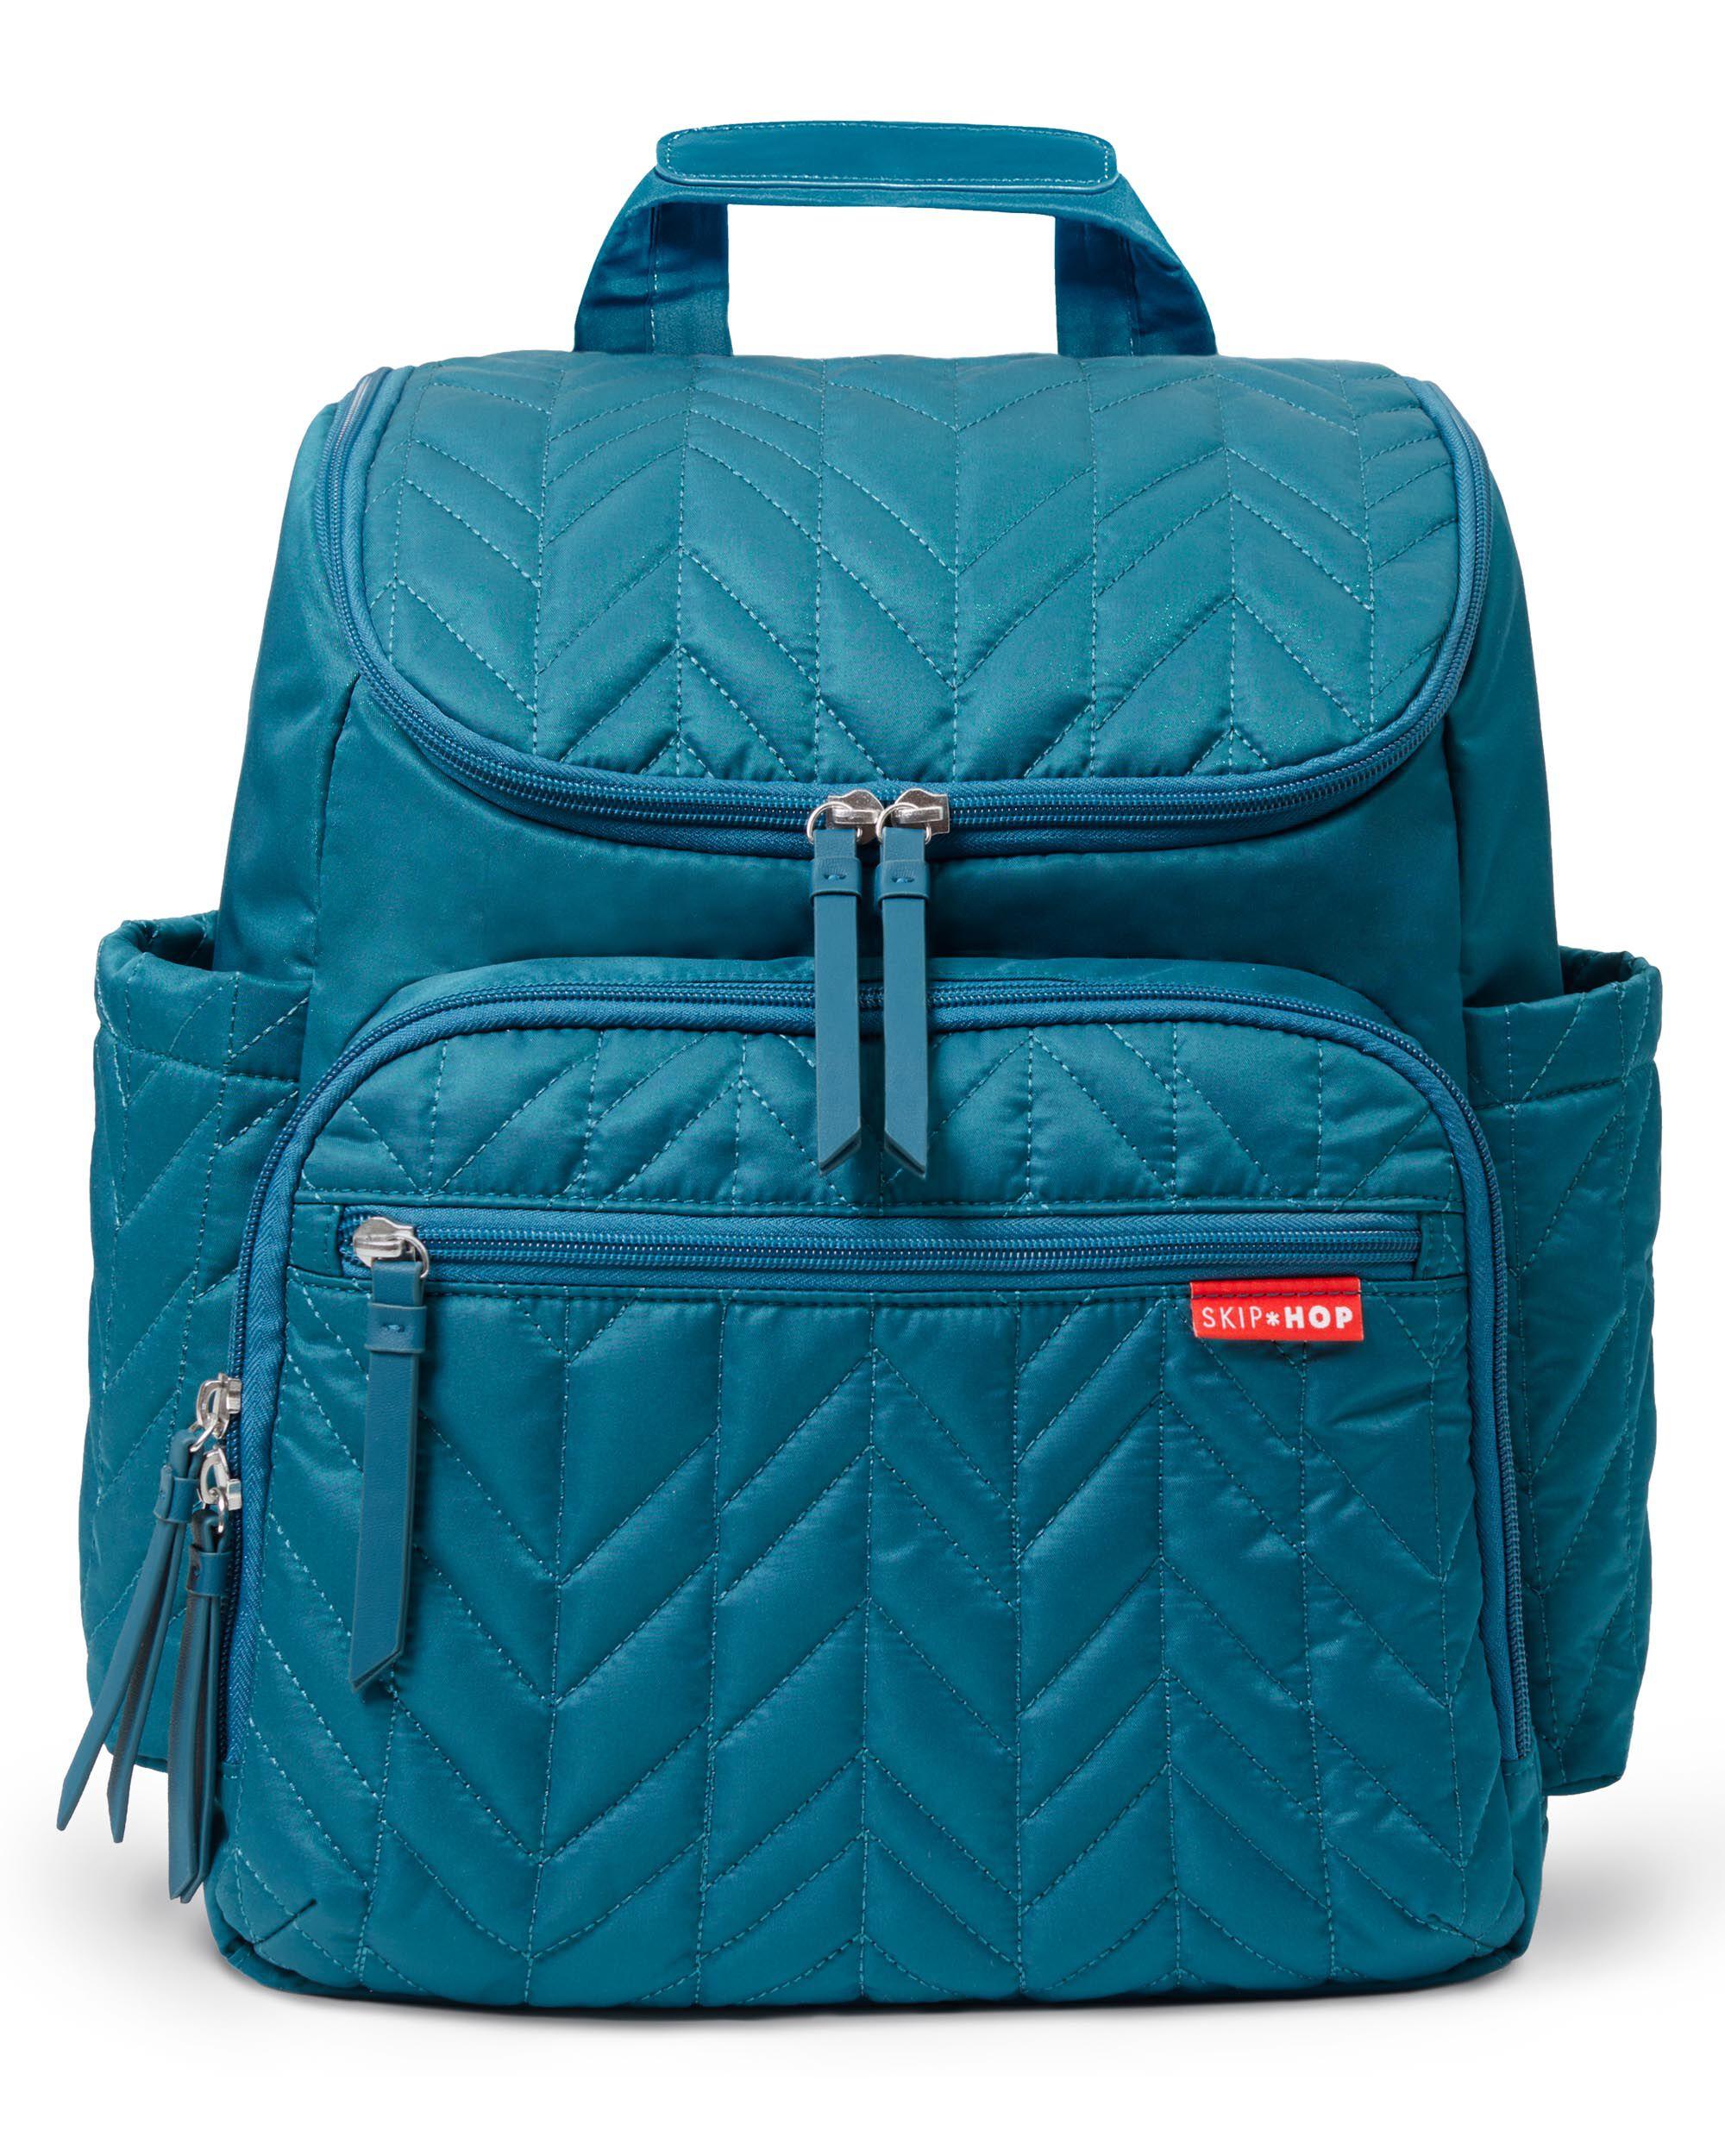 Image result for skip hop backpack